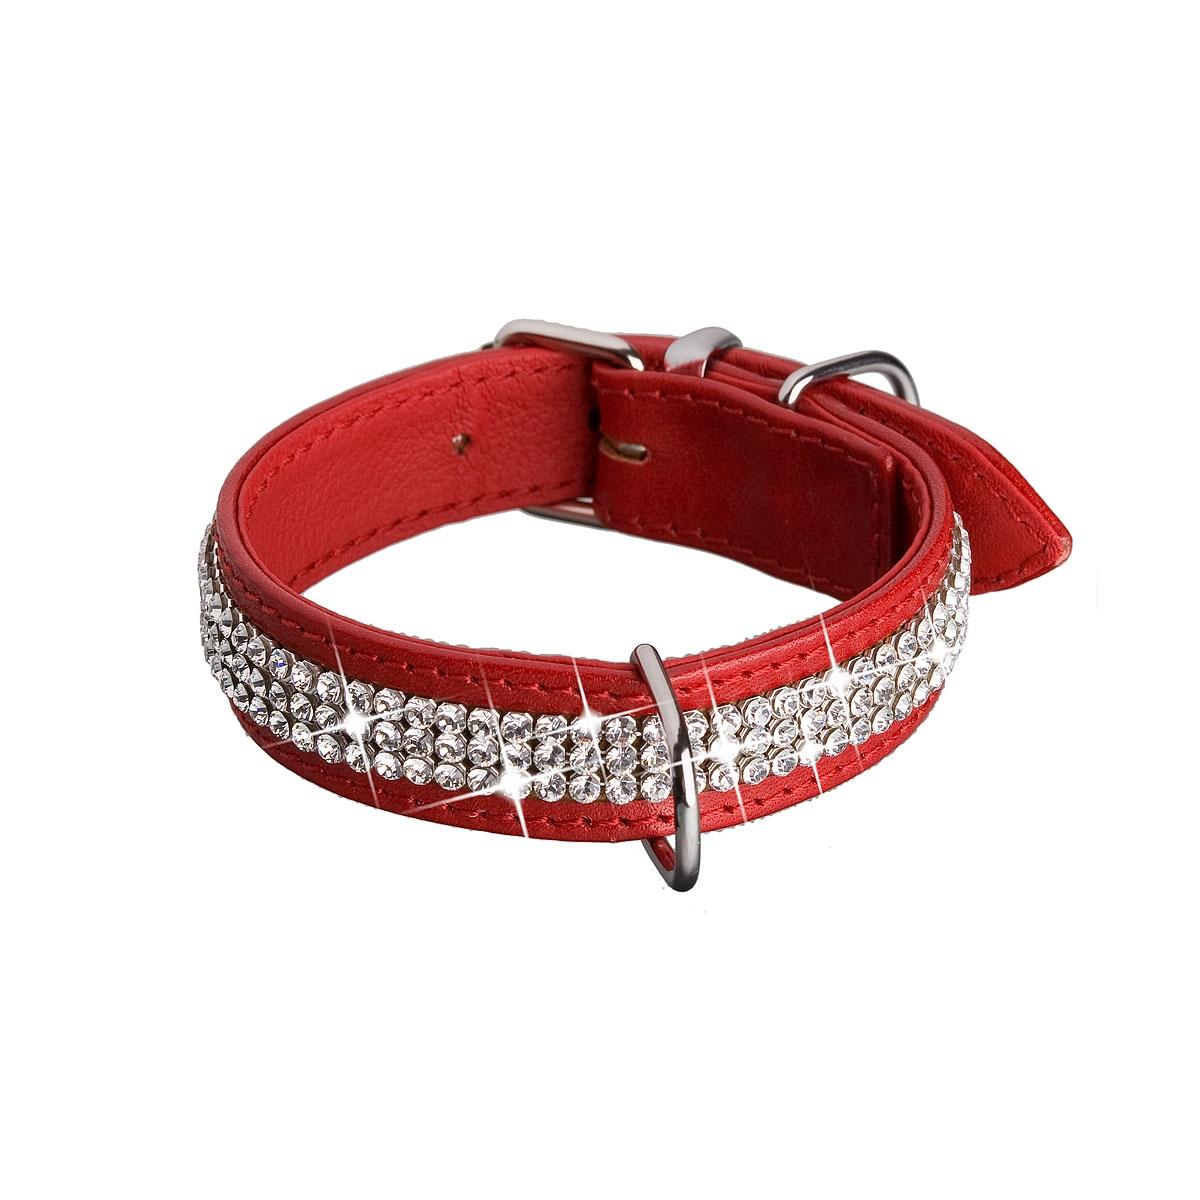 Červený psí obojok s kryštálmi Crystals from Swarovski ®